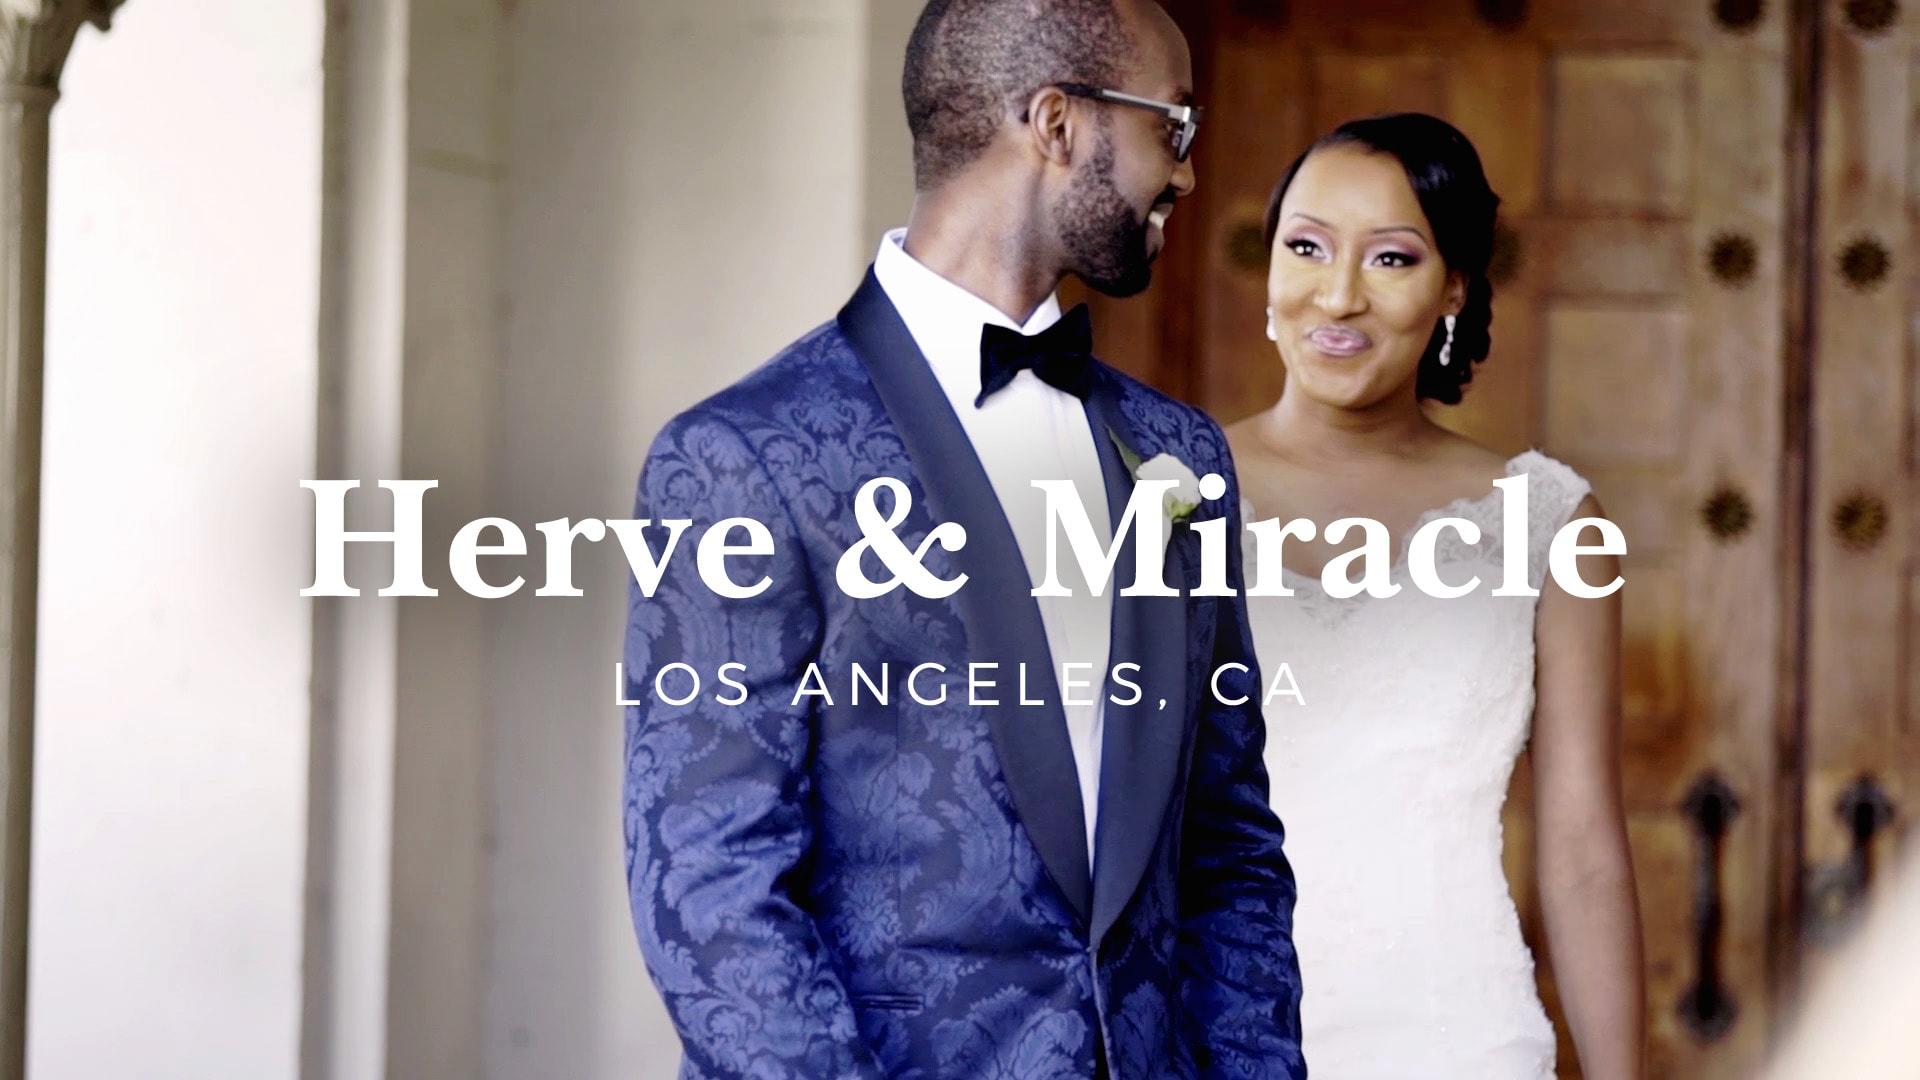 Herve & Miracle Bizira